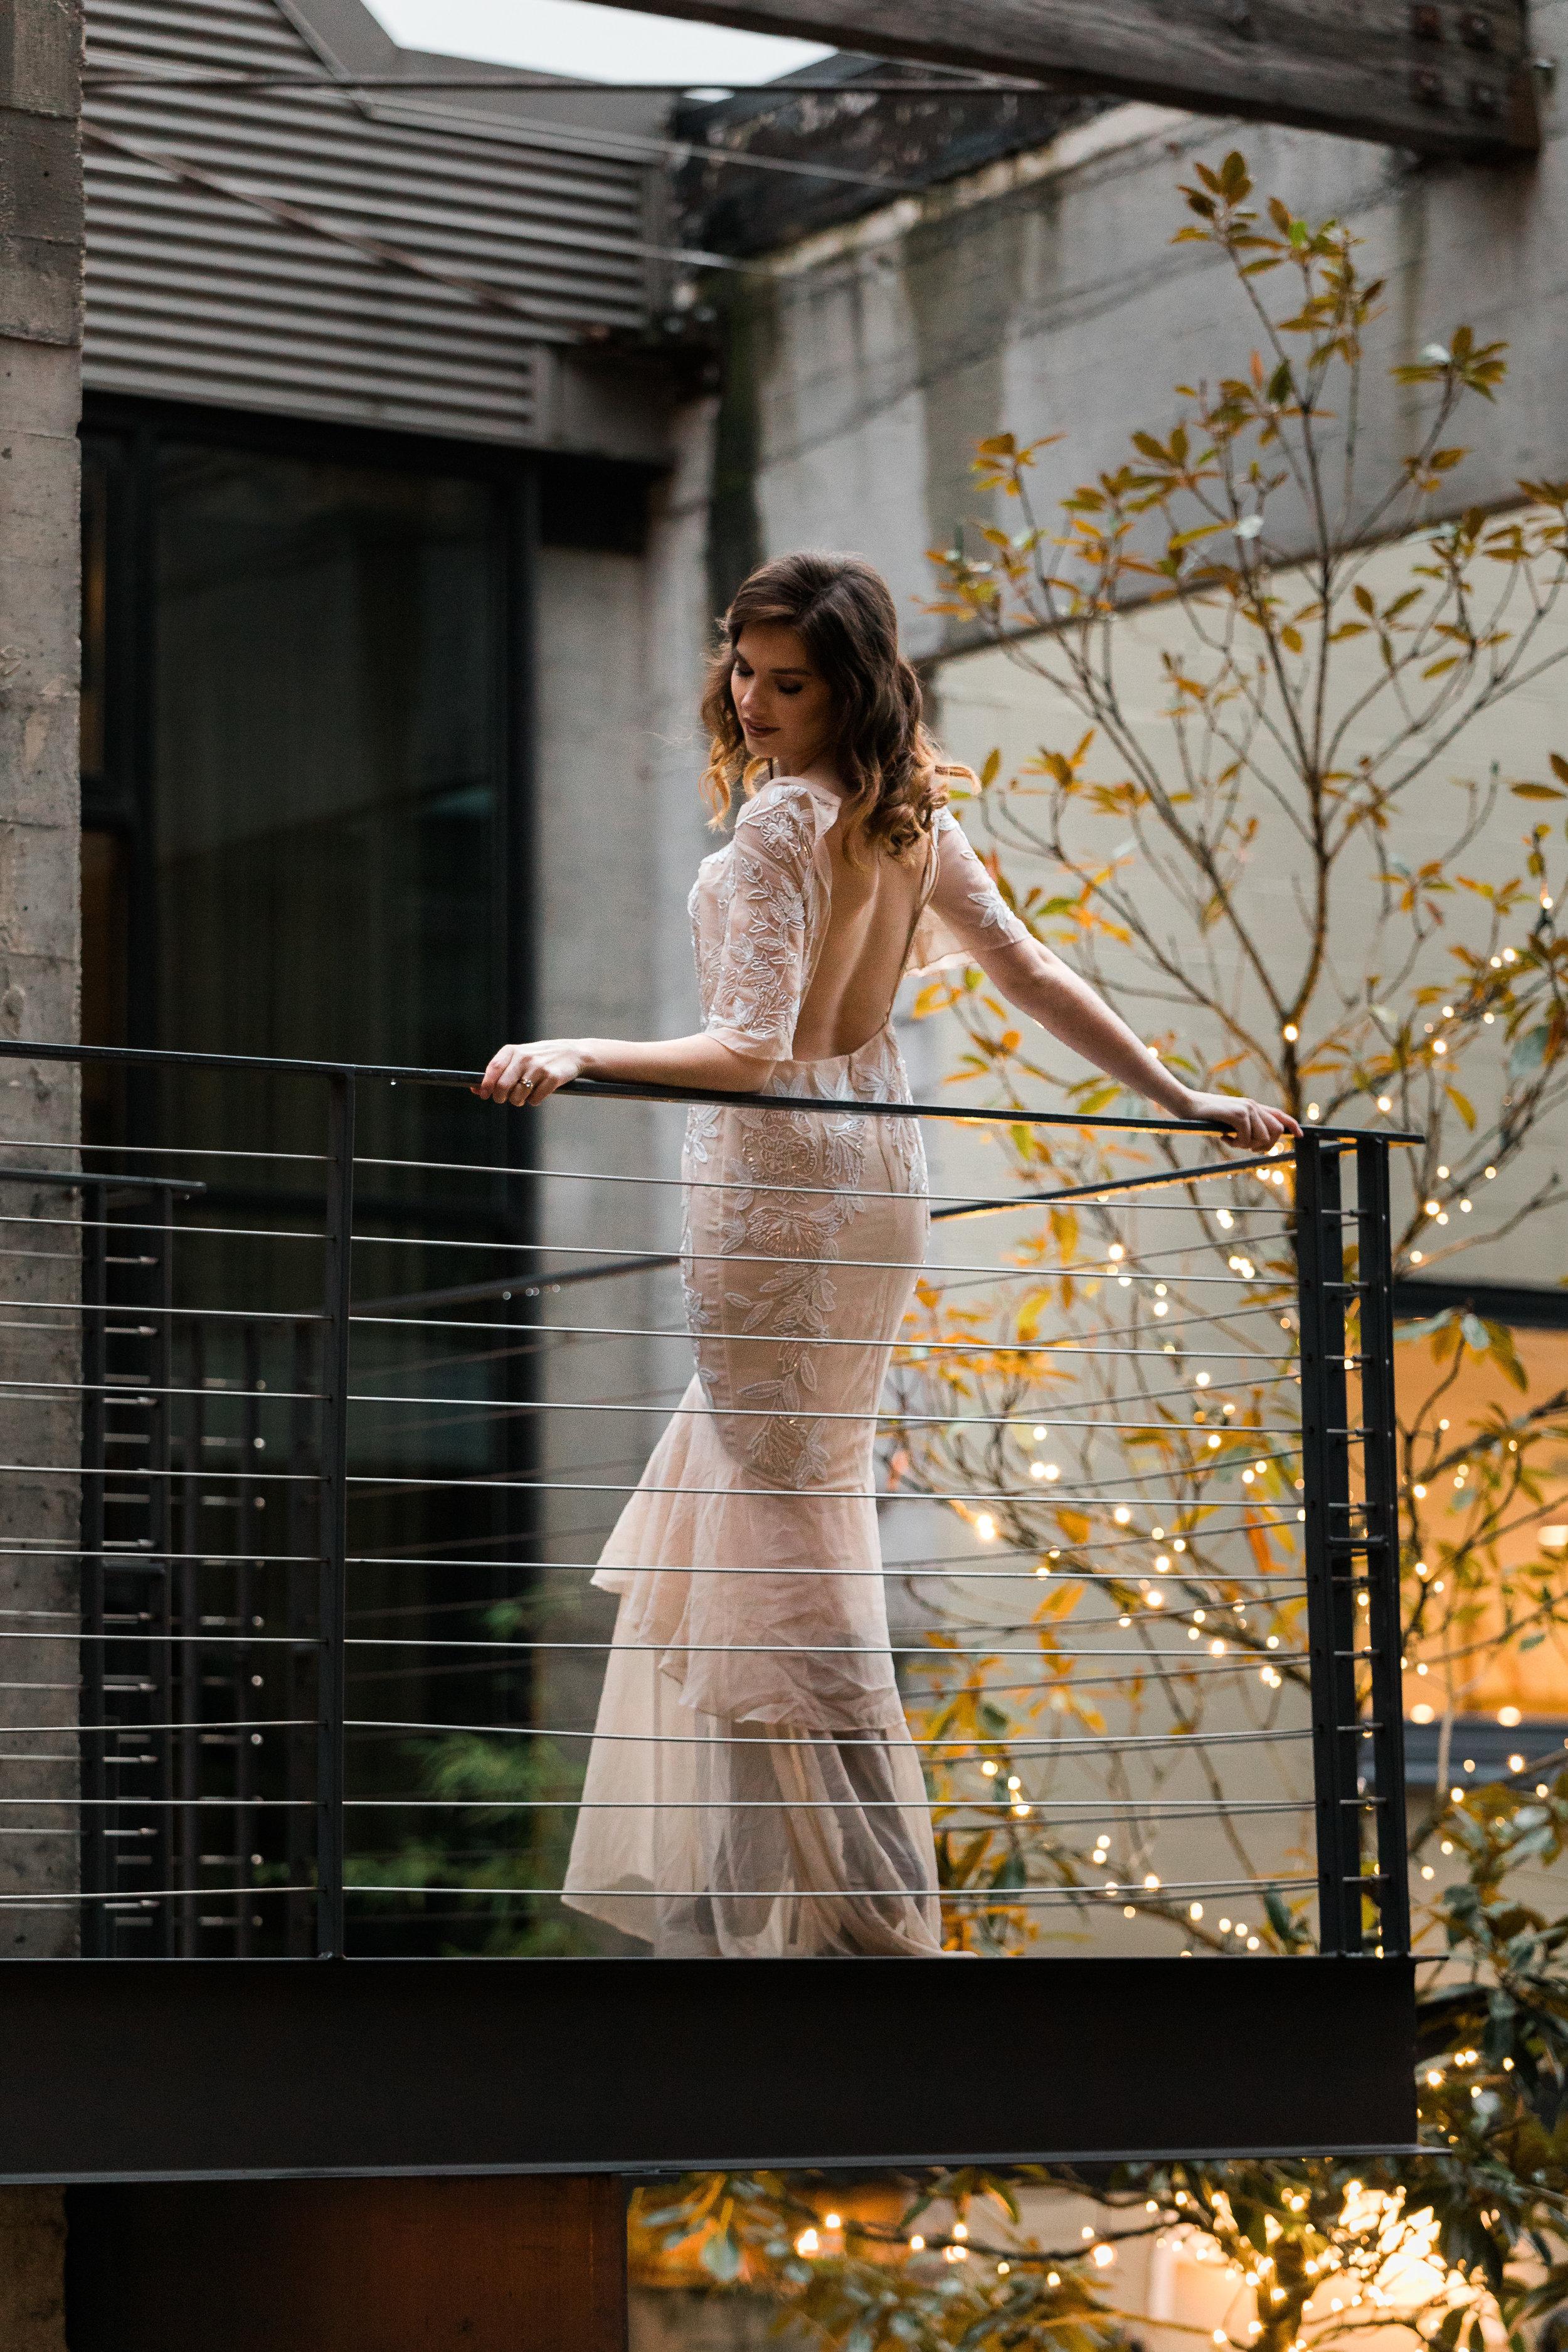 Styled-Bridal-Session-Seattle-Washington-Tara-Nichole-Photo-12.jpg